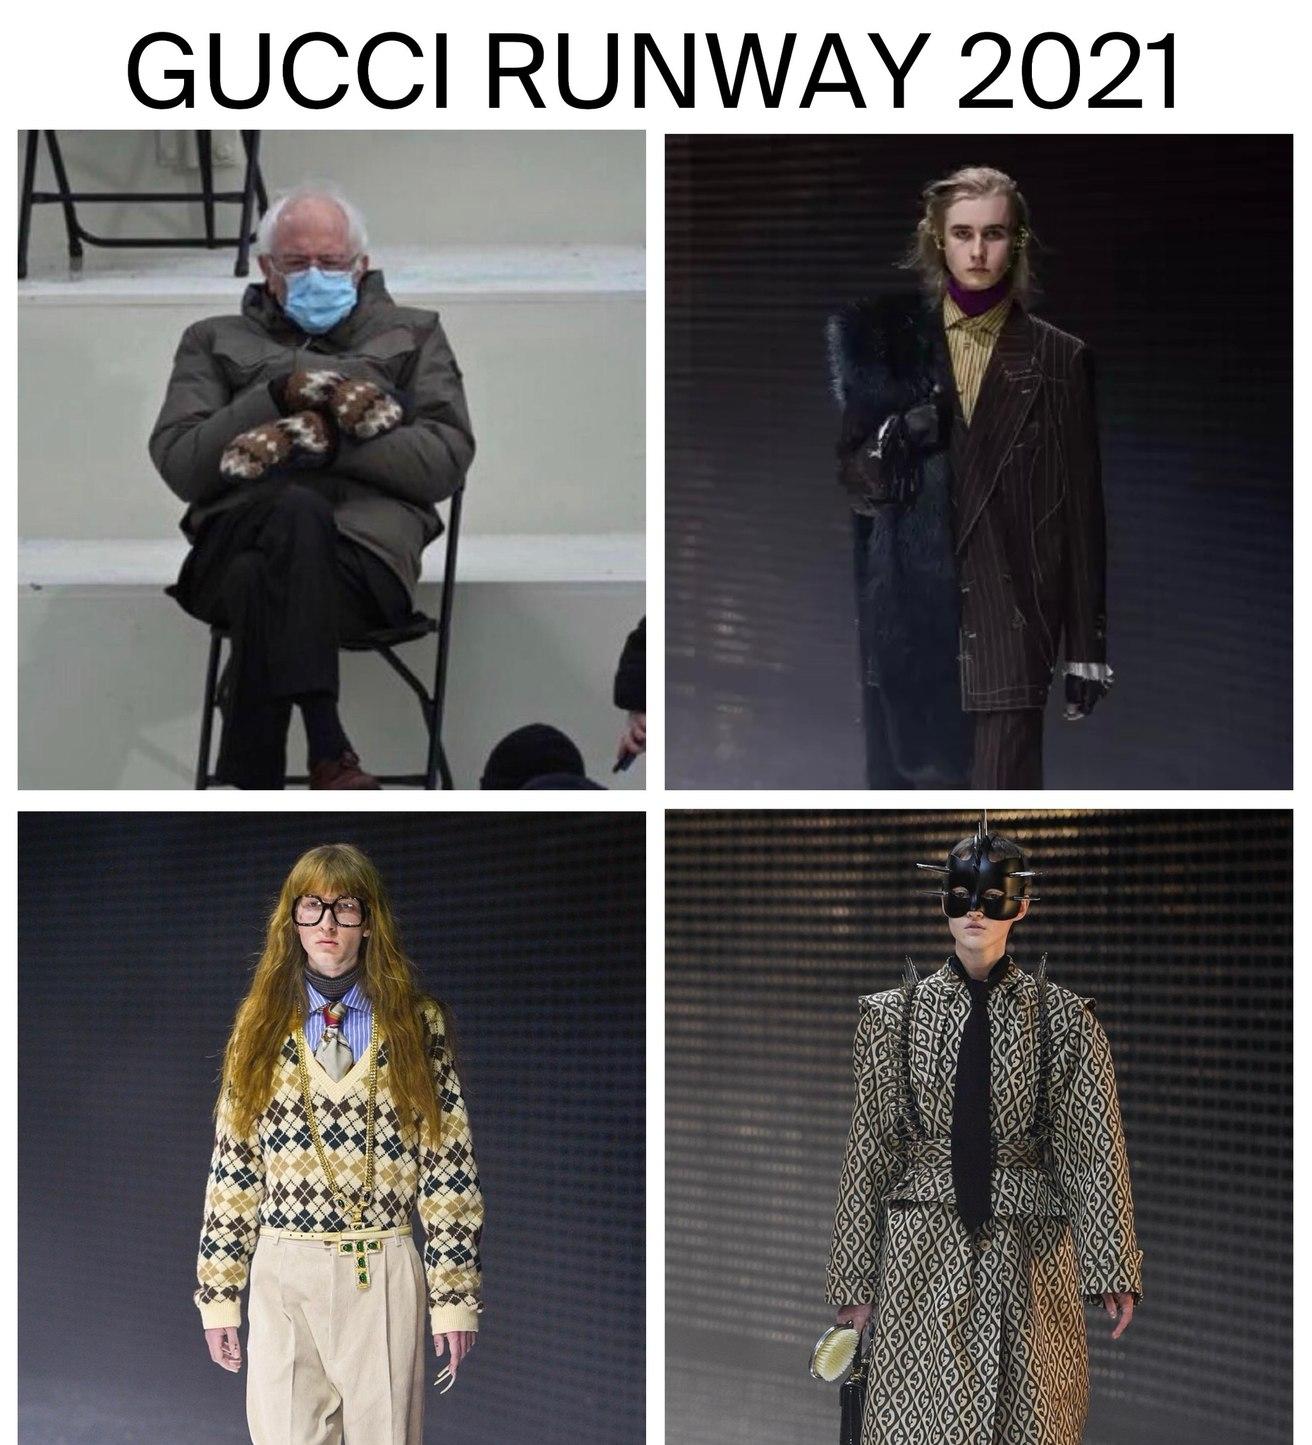 Bernie.. Gucci just called! - meme